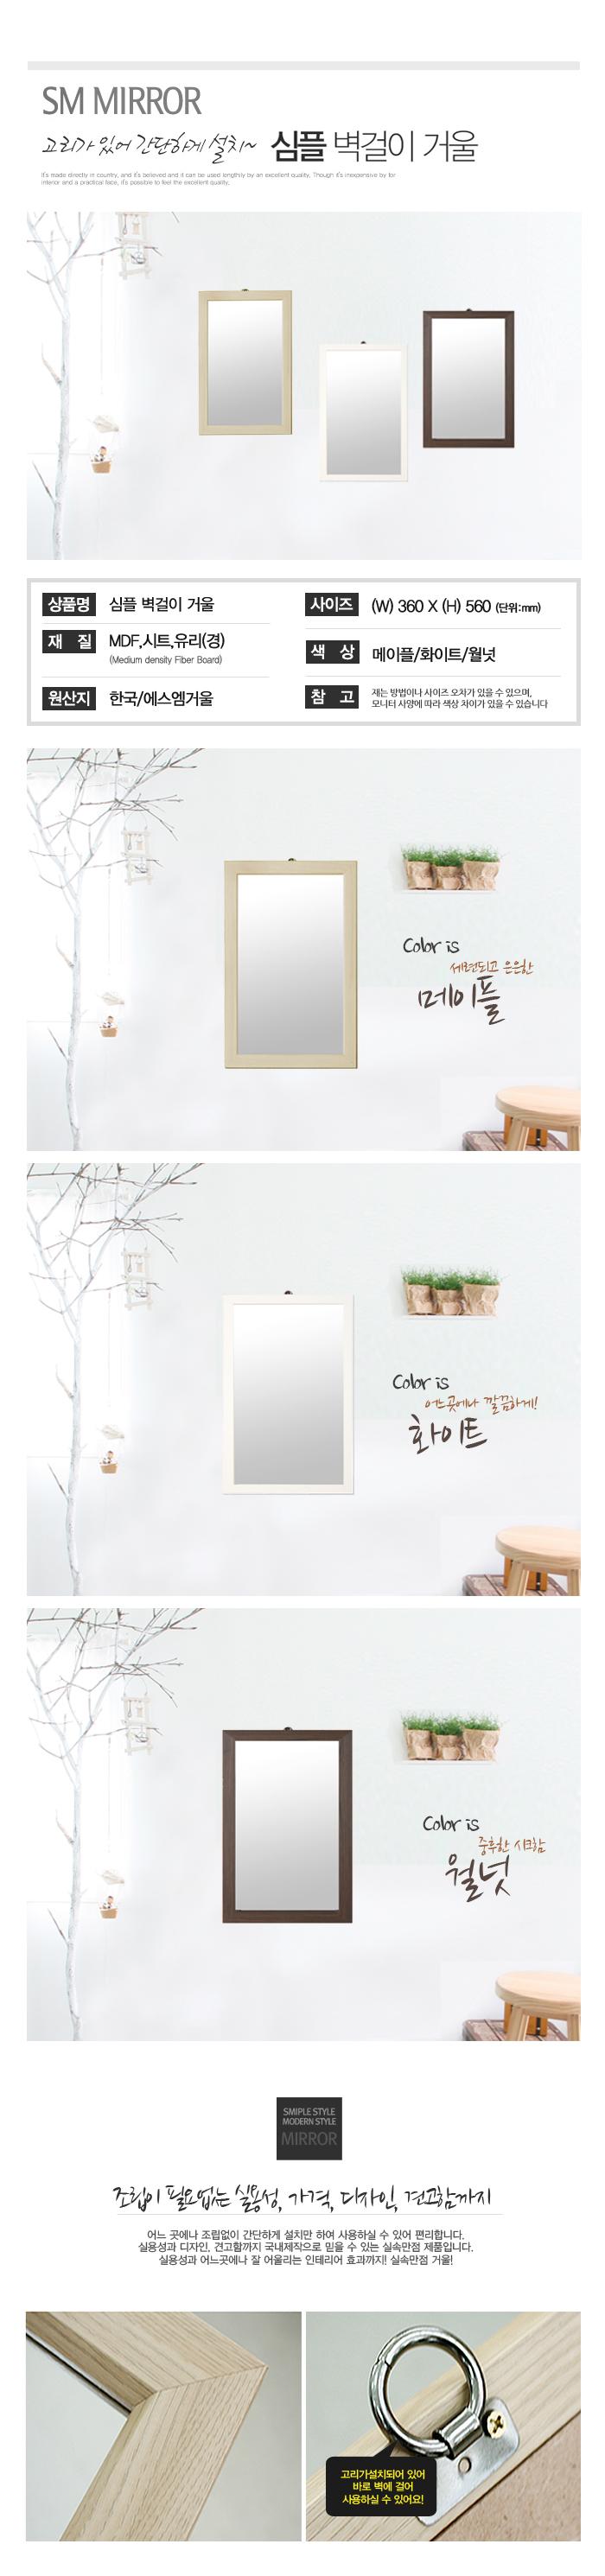 심플 벽걸이 거울 - SM거울, 18,900원, 거울, 벽걸이거울